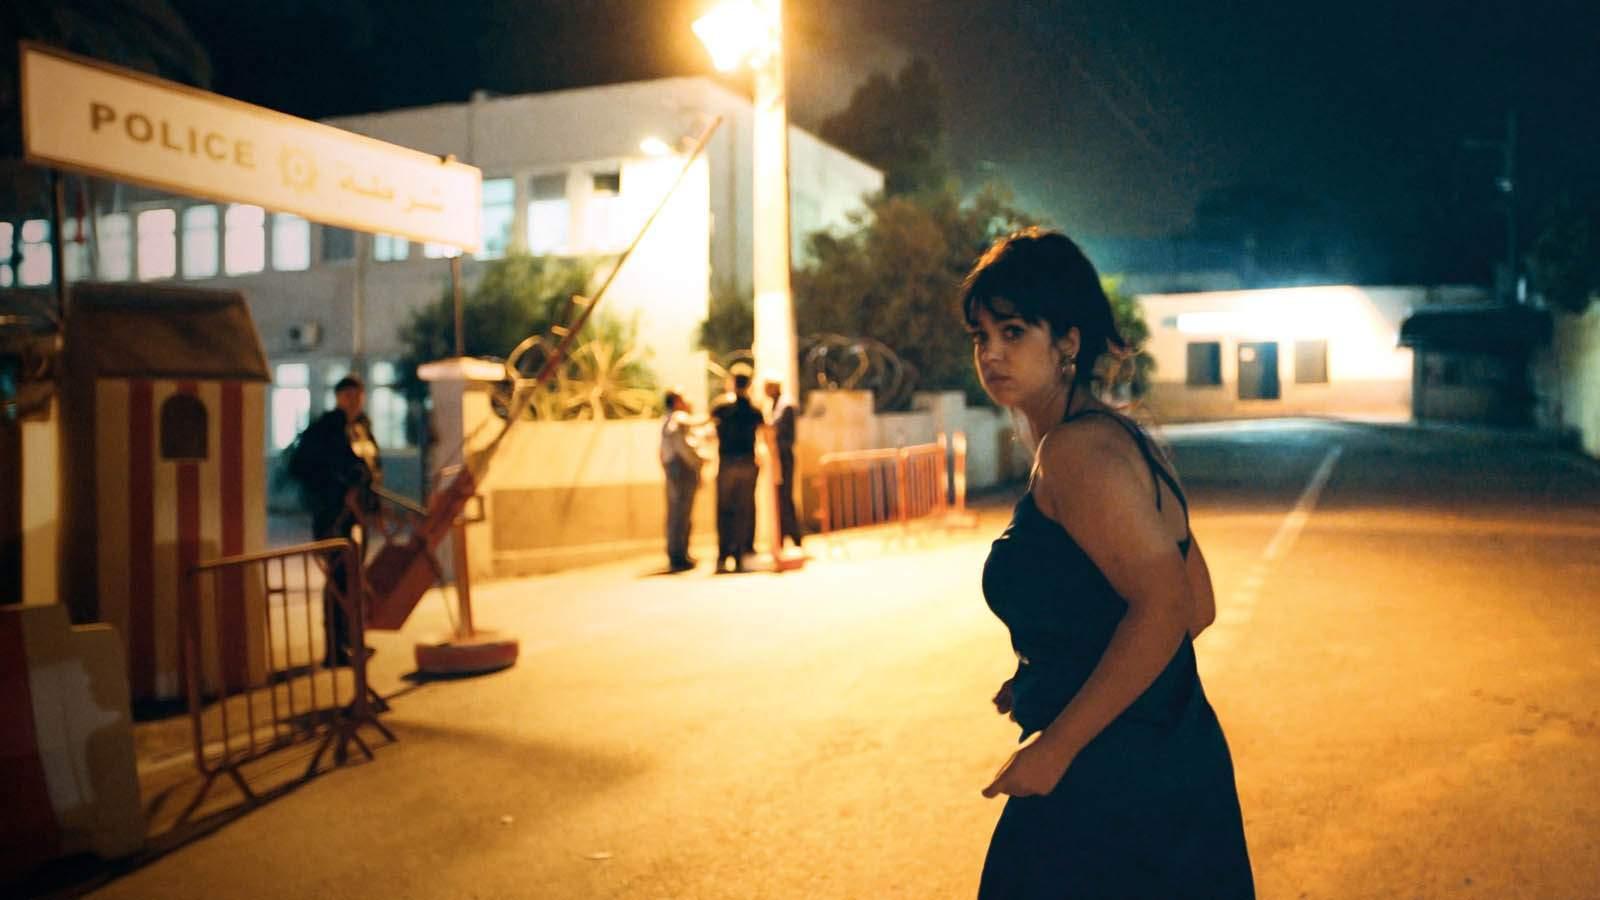 De l'hôpital à la police, Mariam va vivre une nuit de cauchemar, confrontée à la violence institutionnelle.